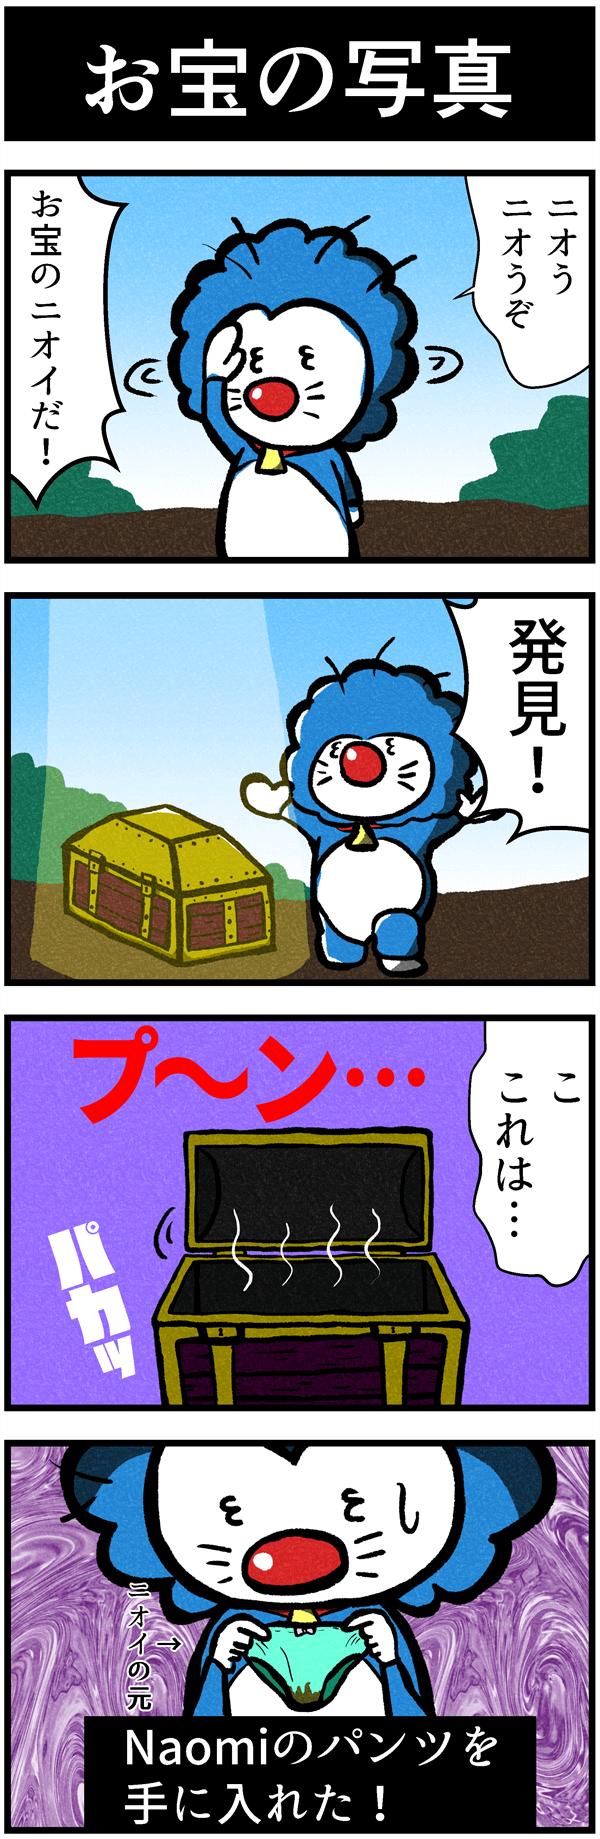 ドラクエX4コマ漫画